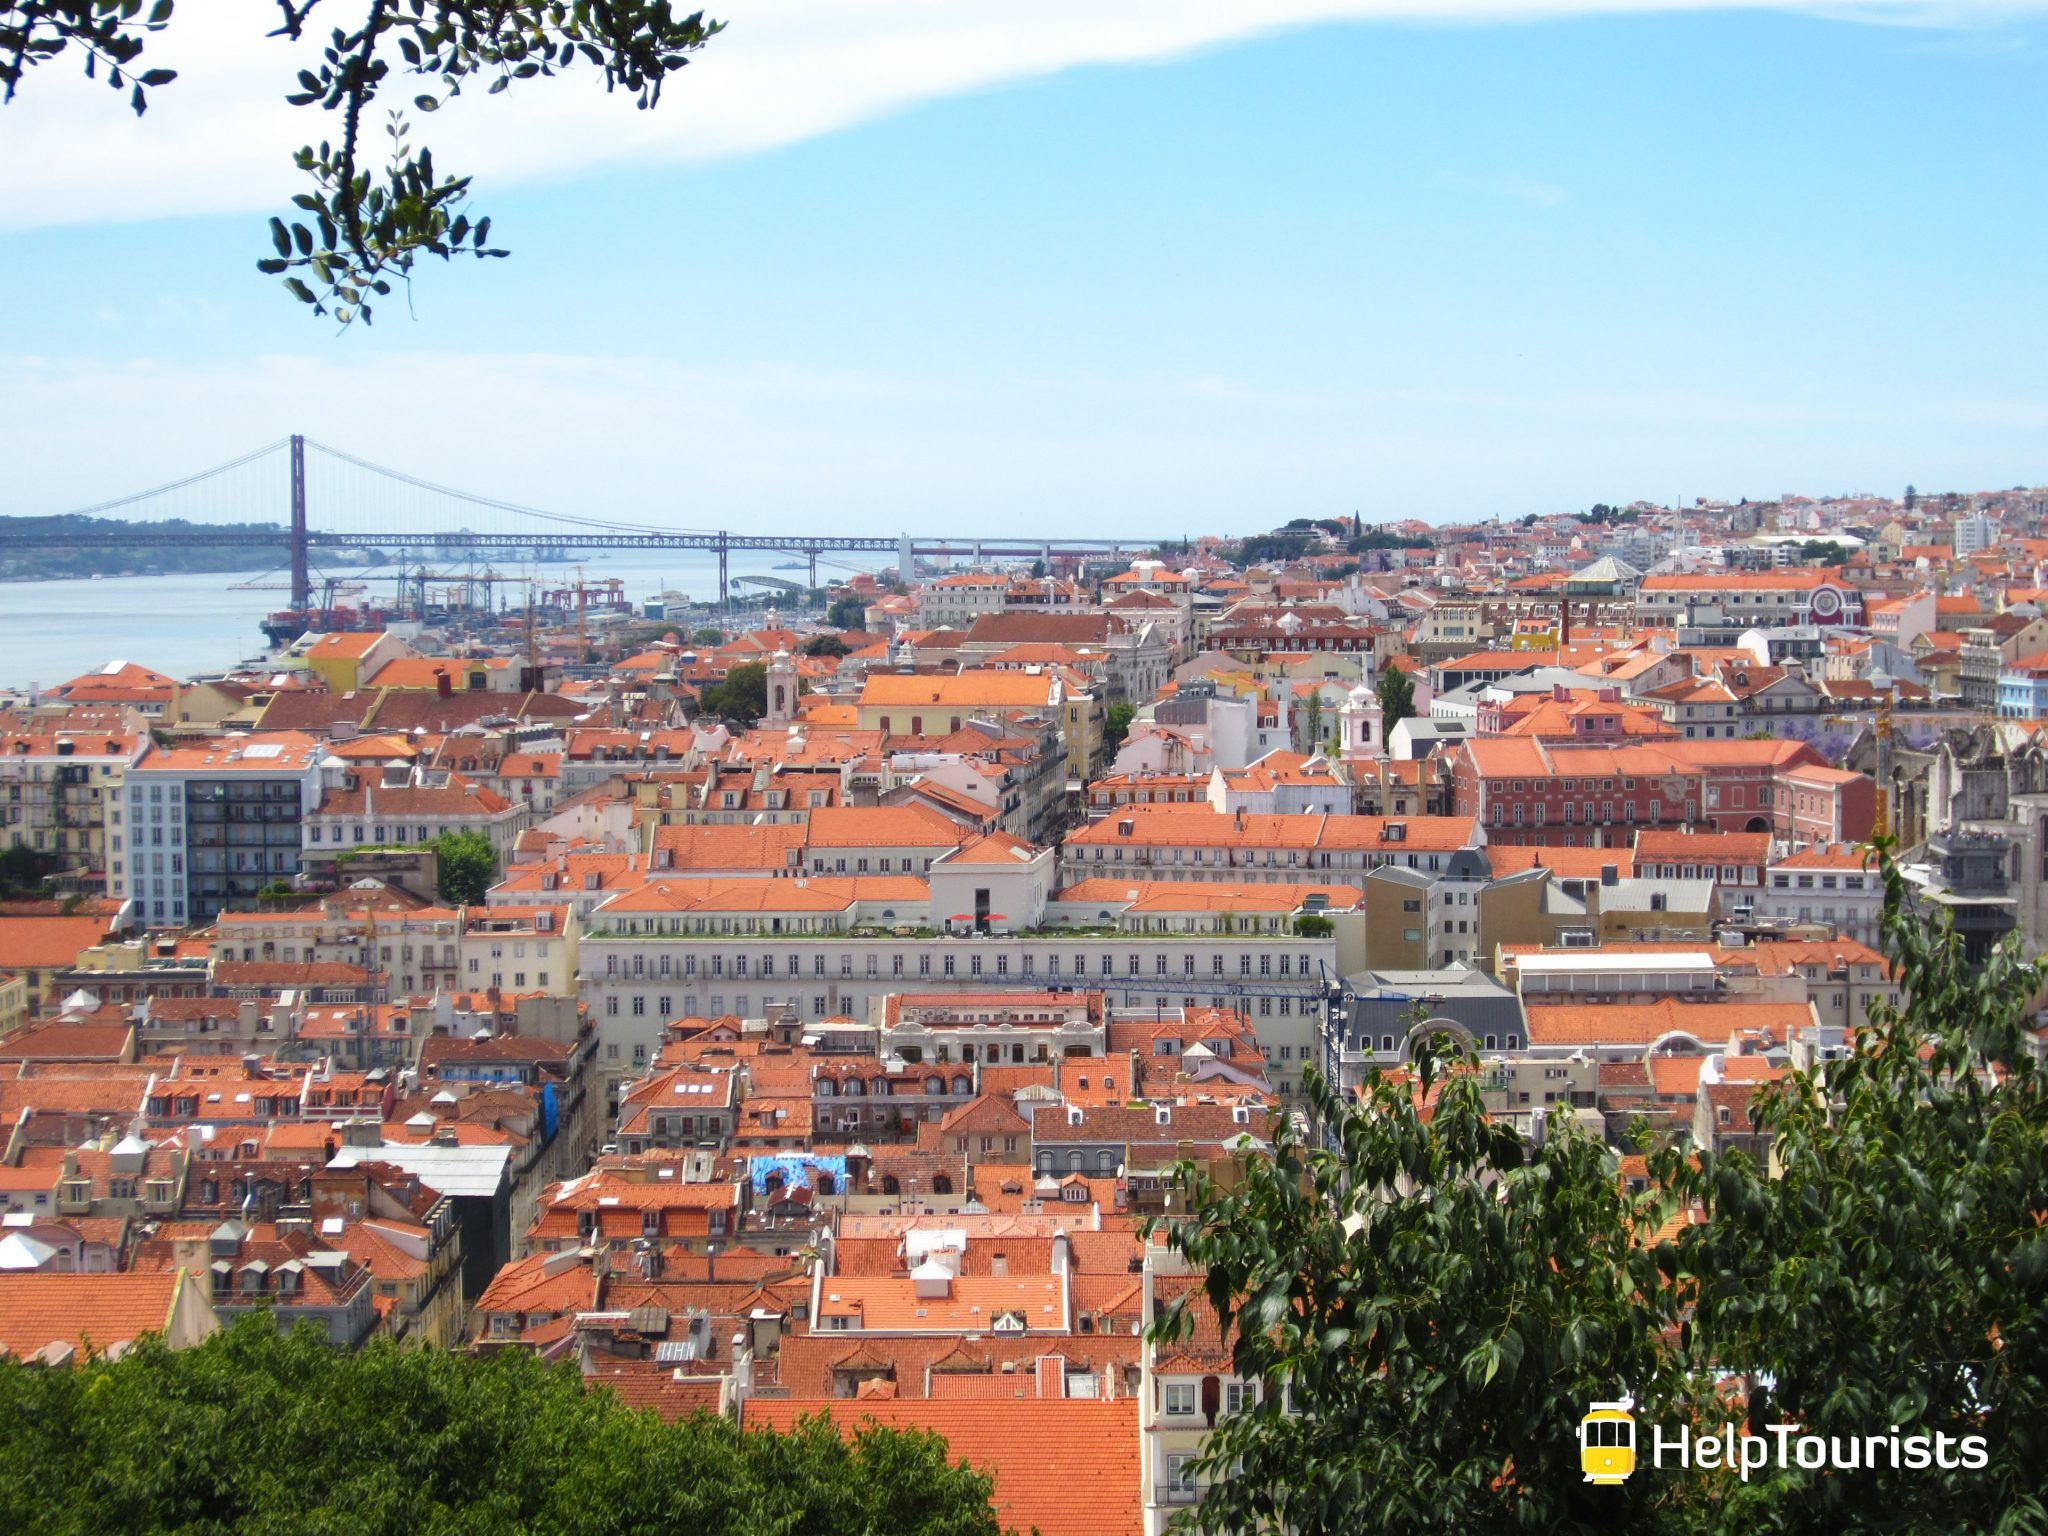 LISSABON_Castelo-de-s-Jorge_Aussicht_l